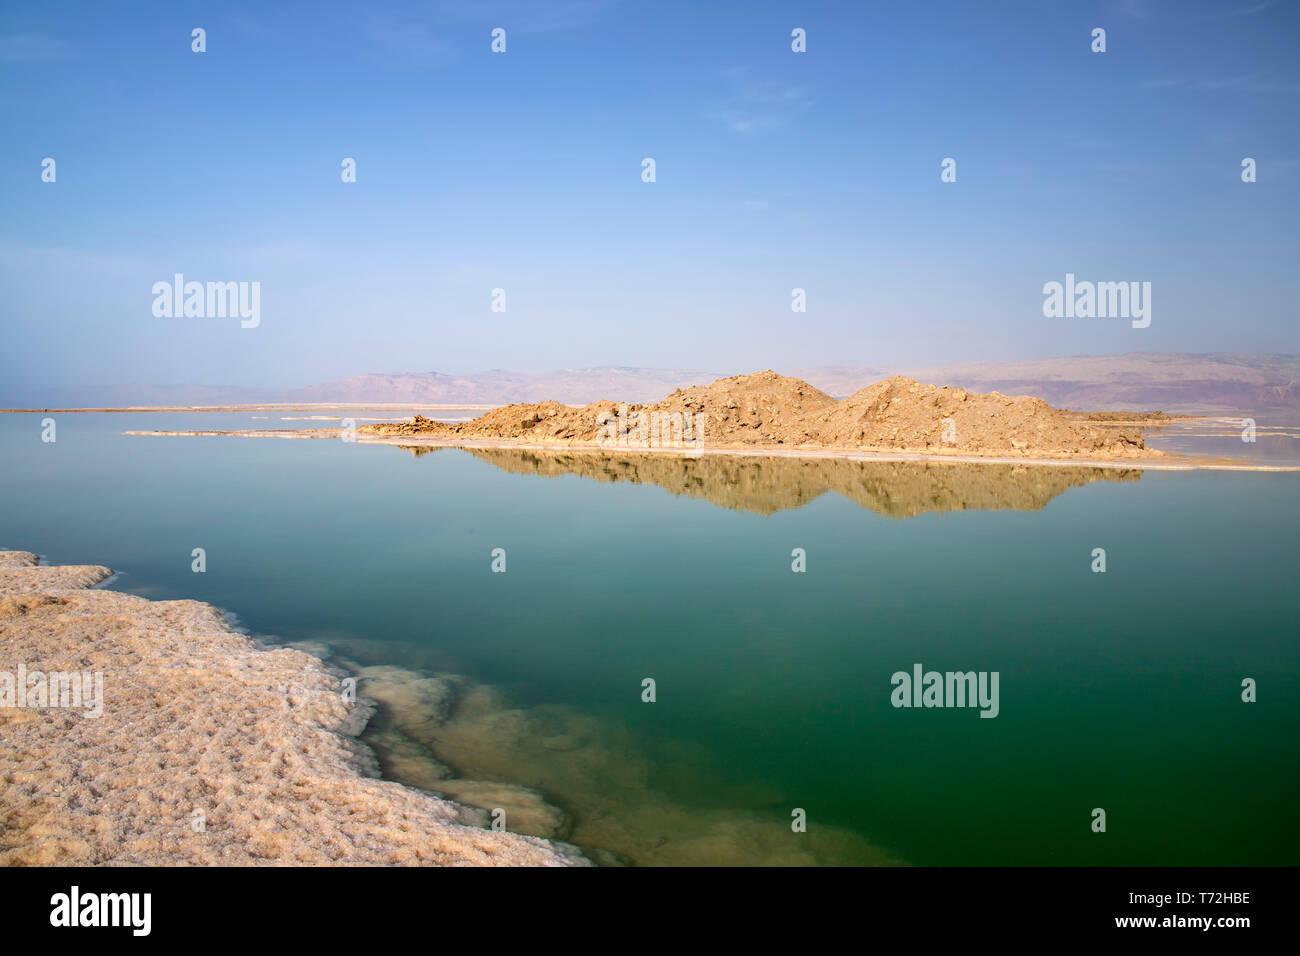 La réflexion de collines dans l'eau salée de la Mer Morte dans lesquelles sont visibles des formations de sel Banque D'Images